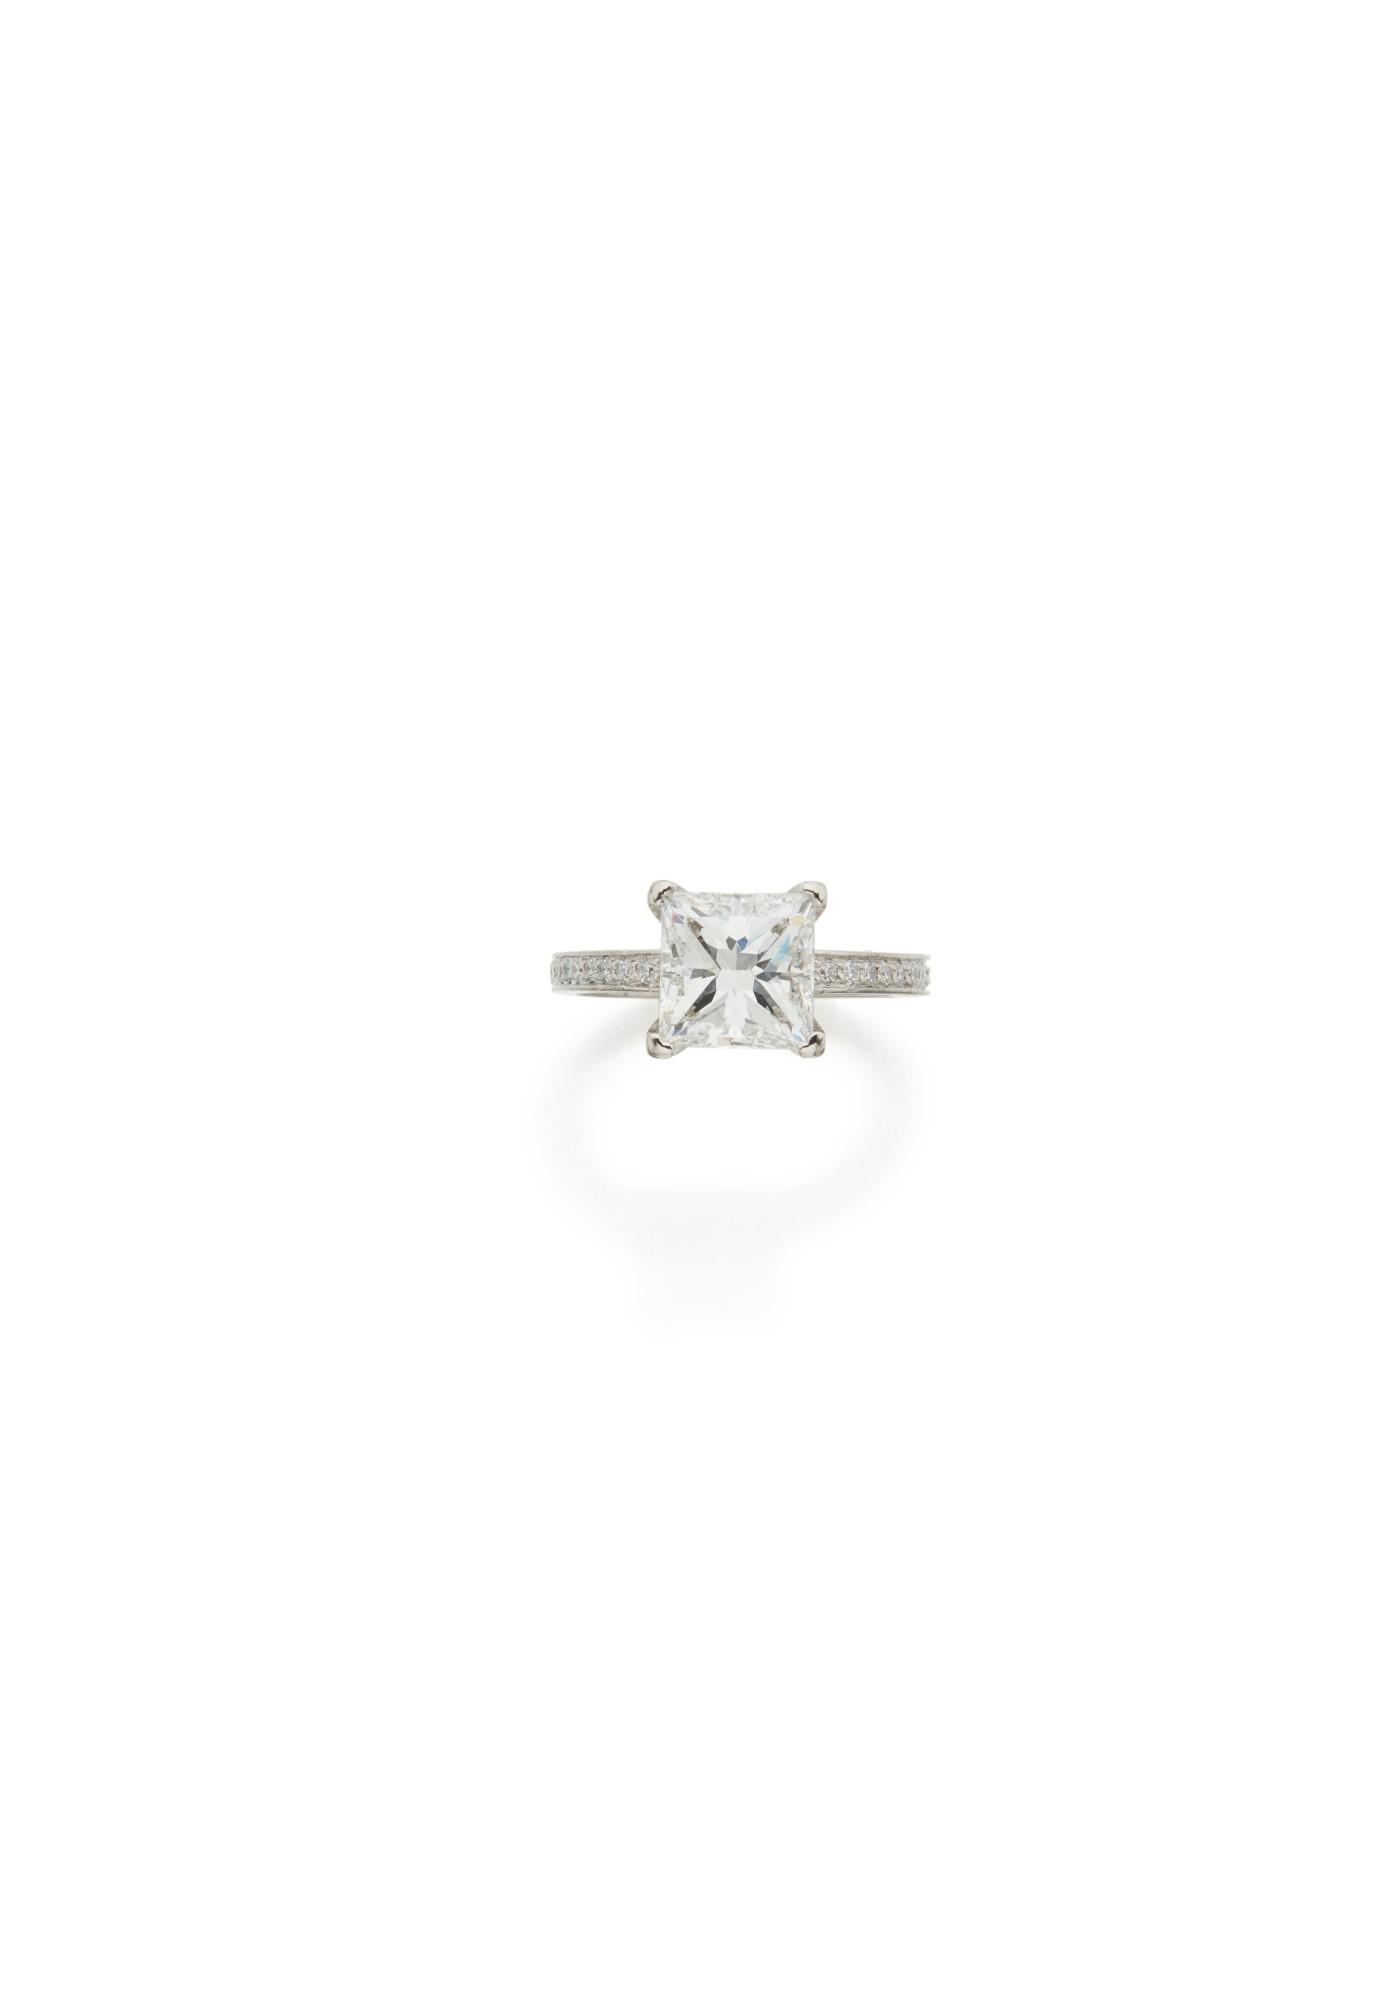 DIAMOND RING, TIFFANY & CO.